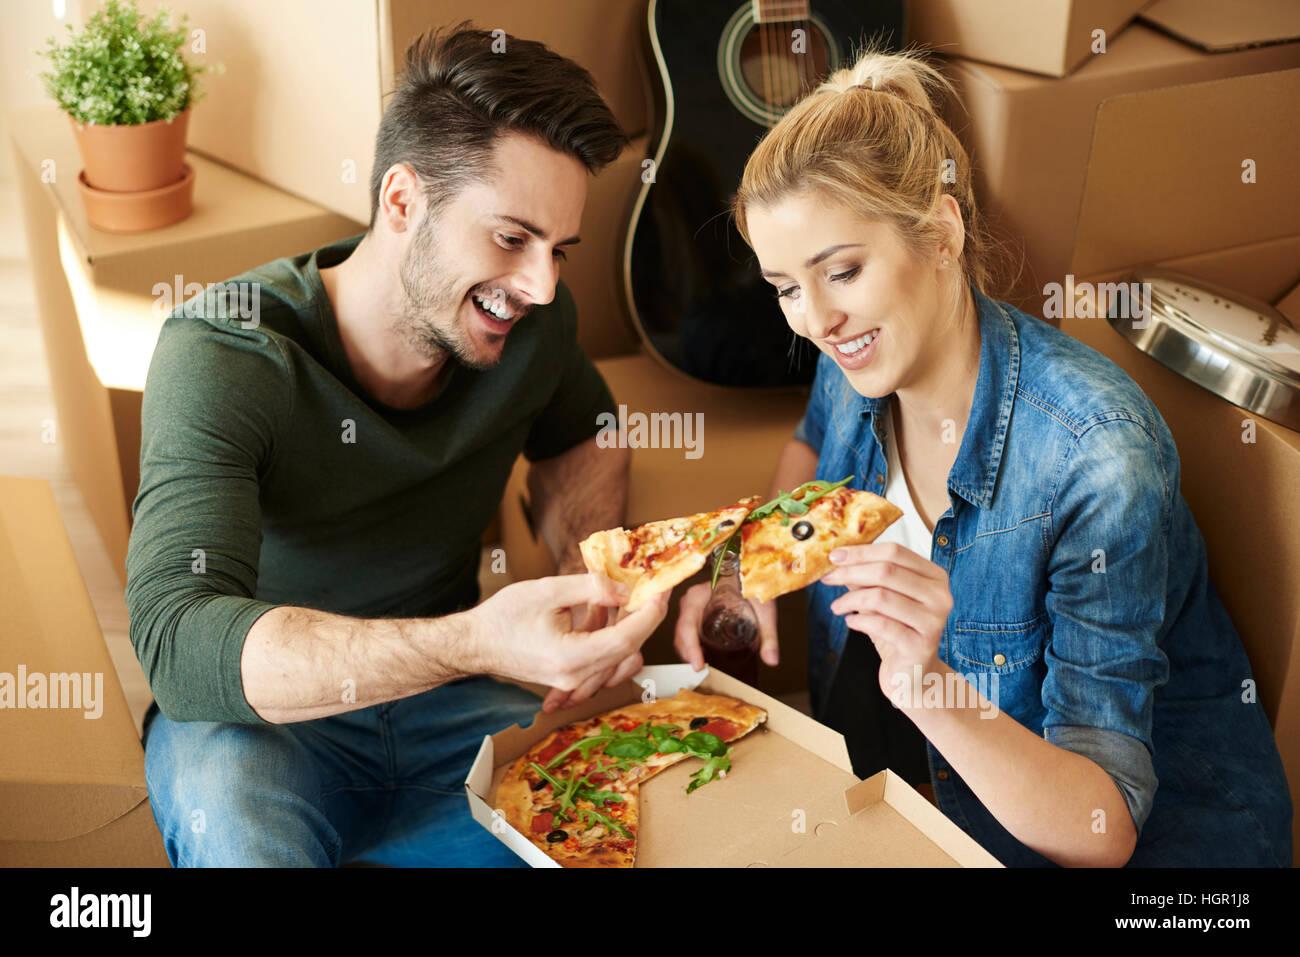 Paio di mangiare pizza accanto a contenitori per il trasloco Immagini Stock